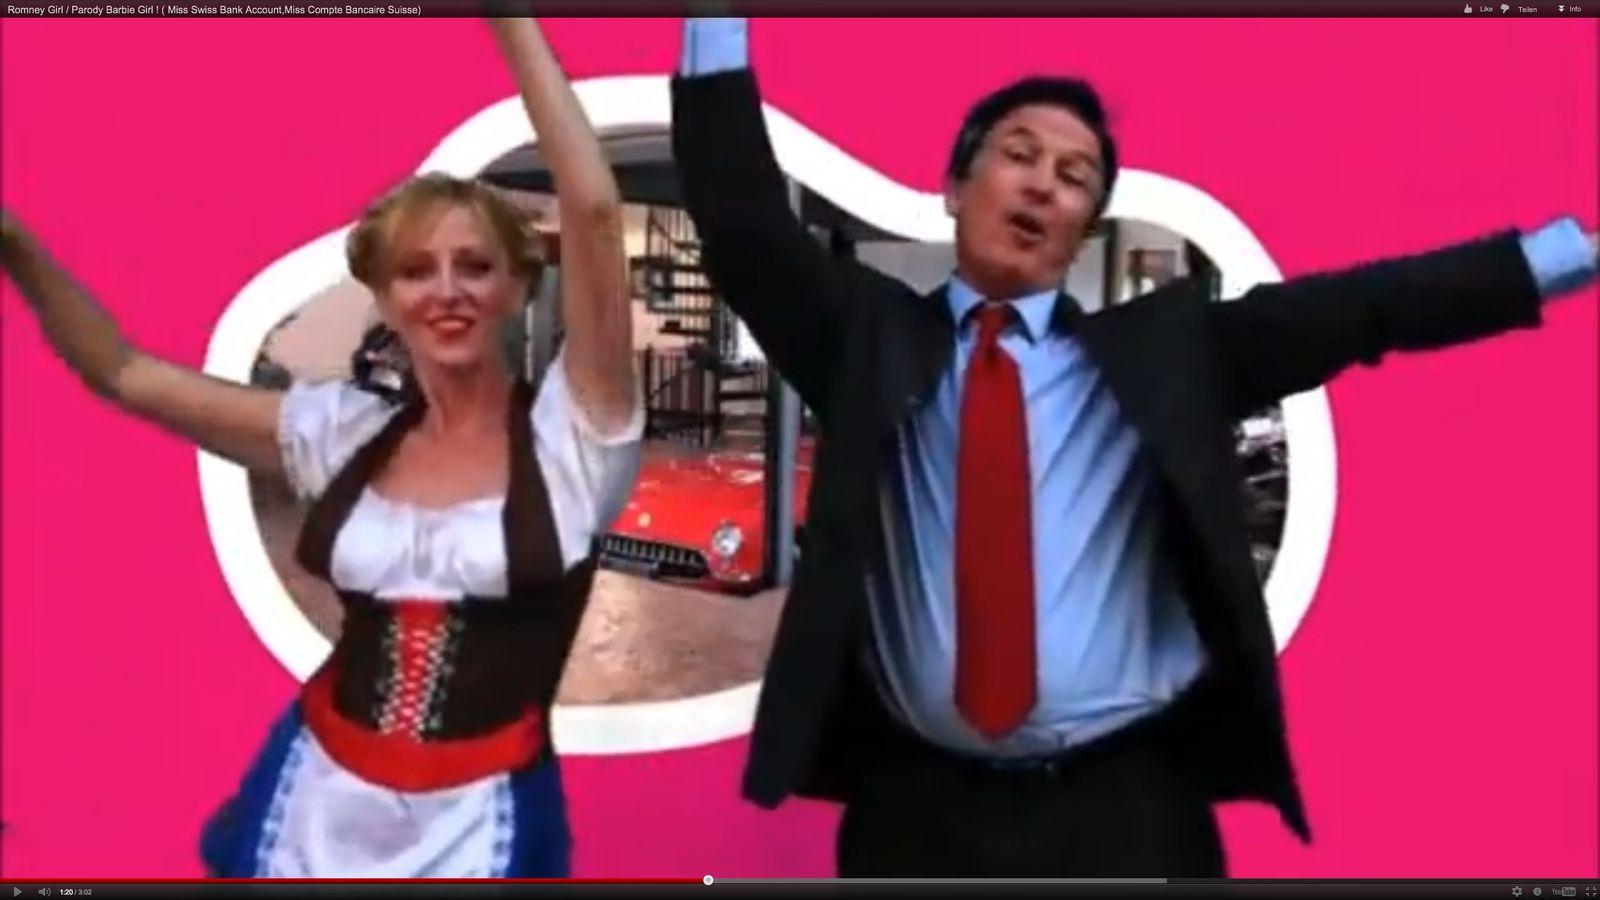 NUR ALS ZITAT Romney-Girl / Screenshot